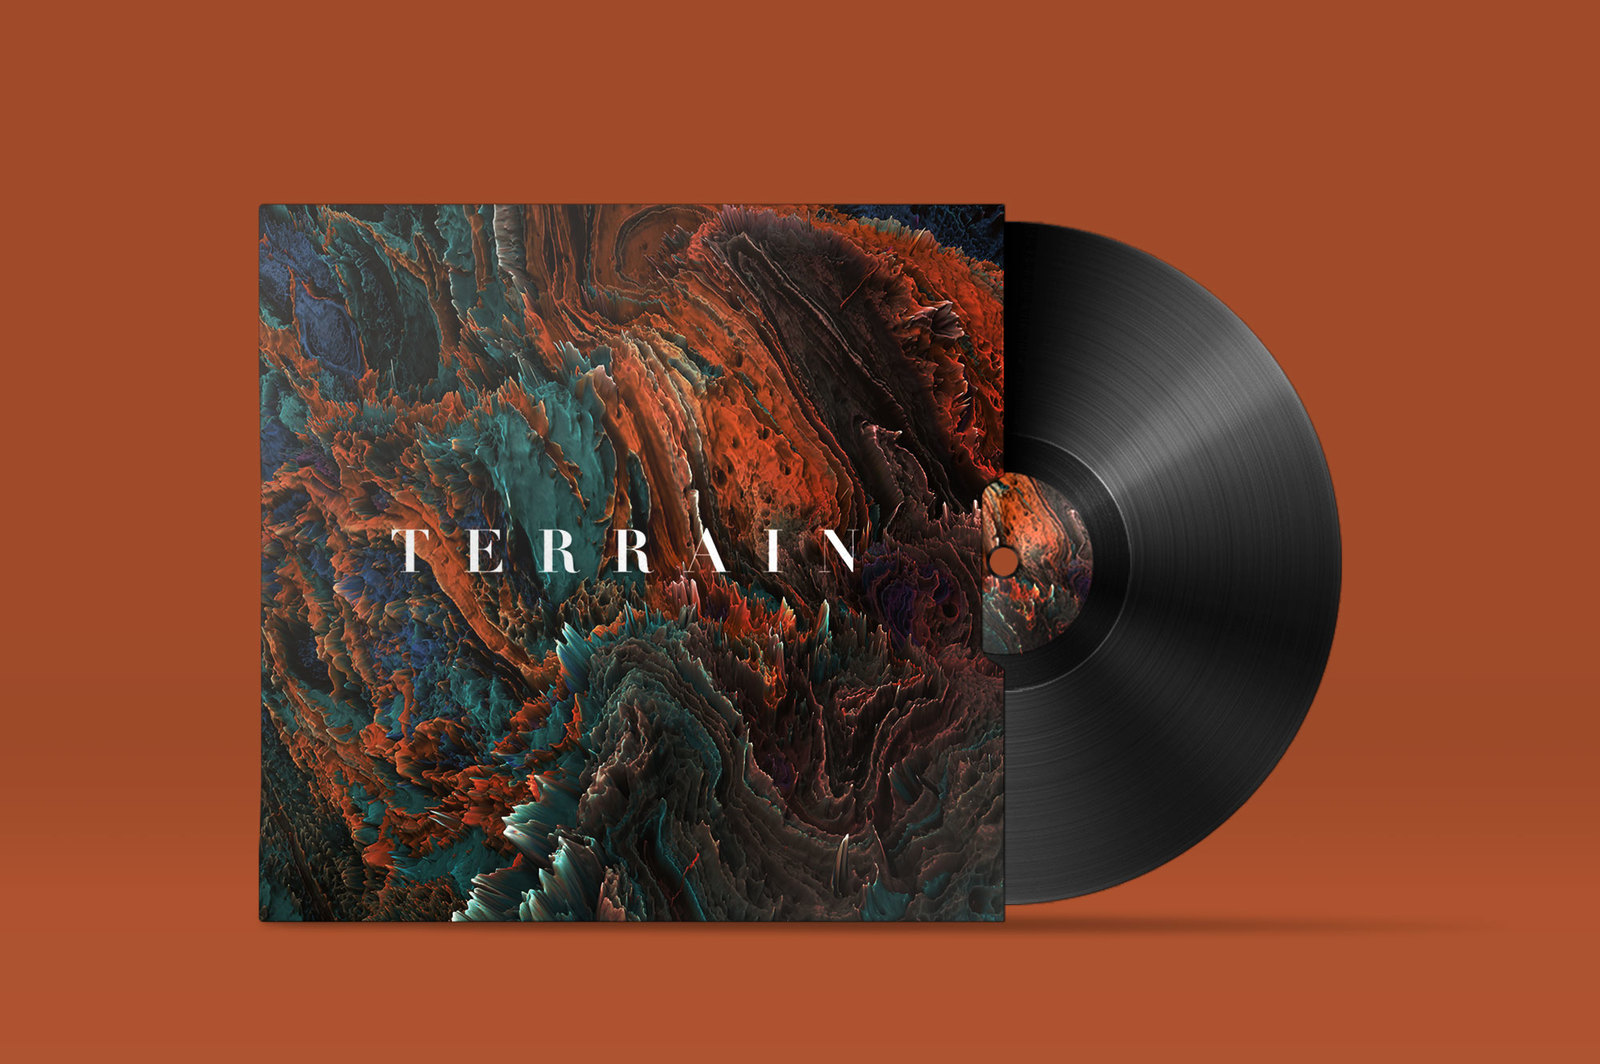 Terrain, Vol. 1: Abstract 3D Landscapes